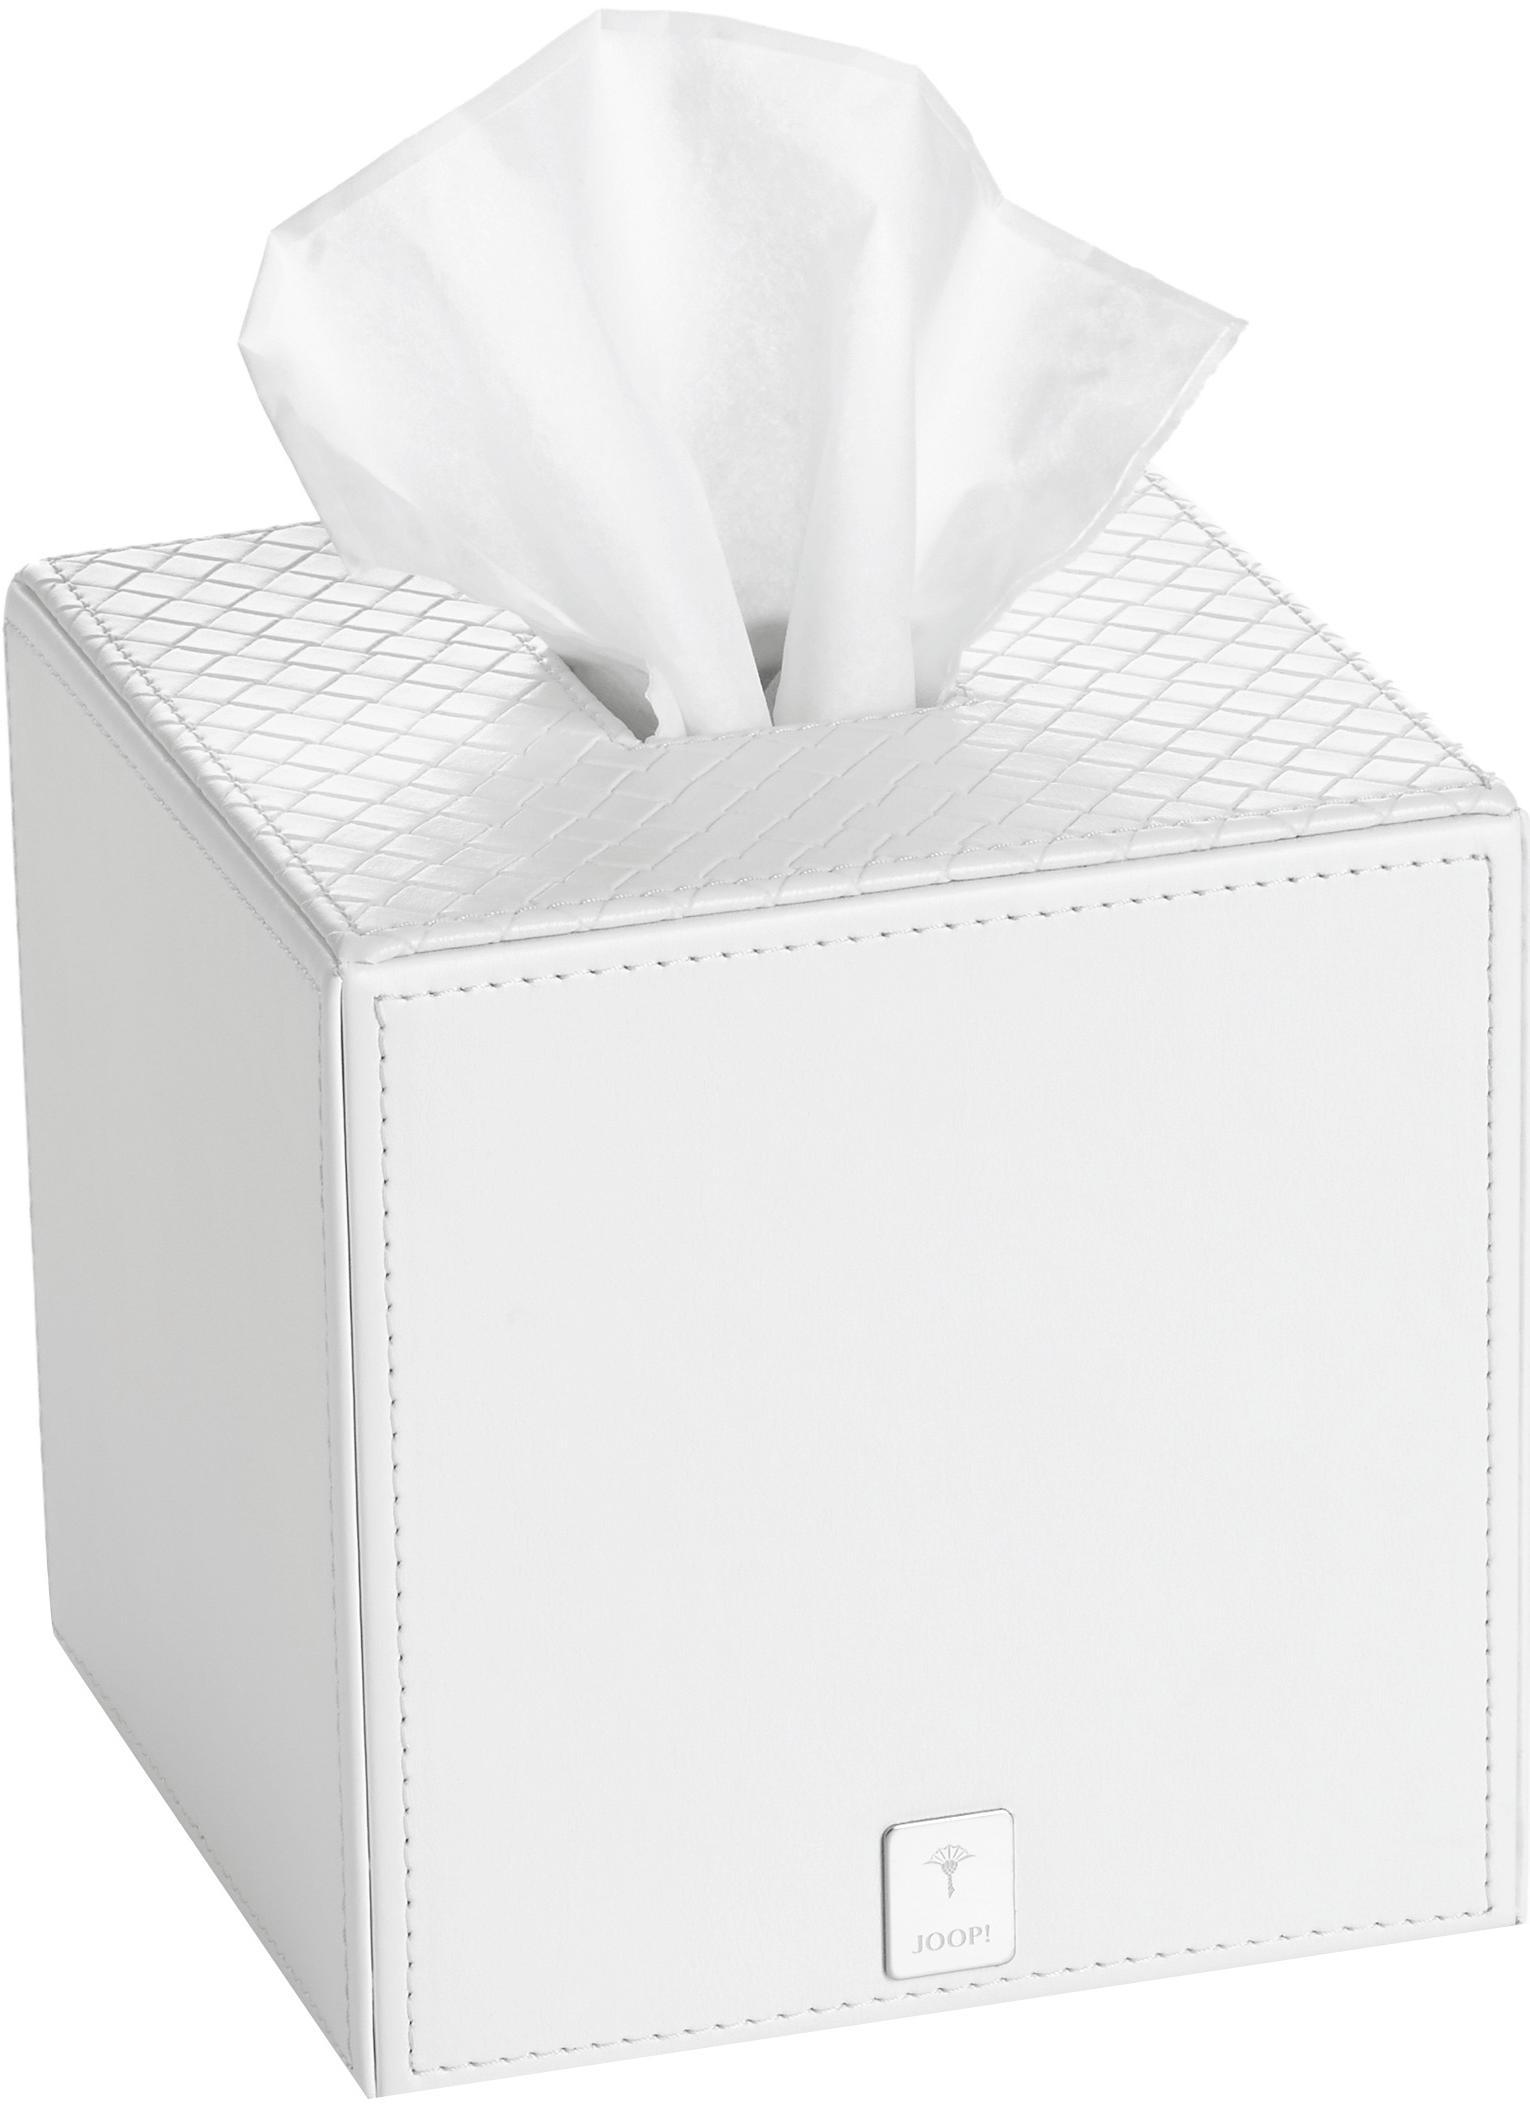 Pudełko na chusteczki Polly, Żywica, sztuczna skóra, Biały, S 13 x W 13 cm